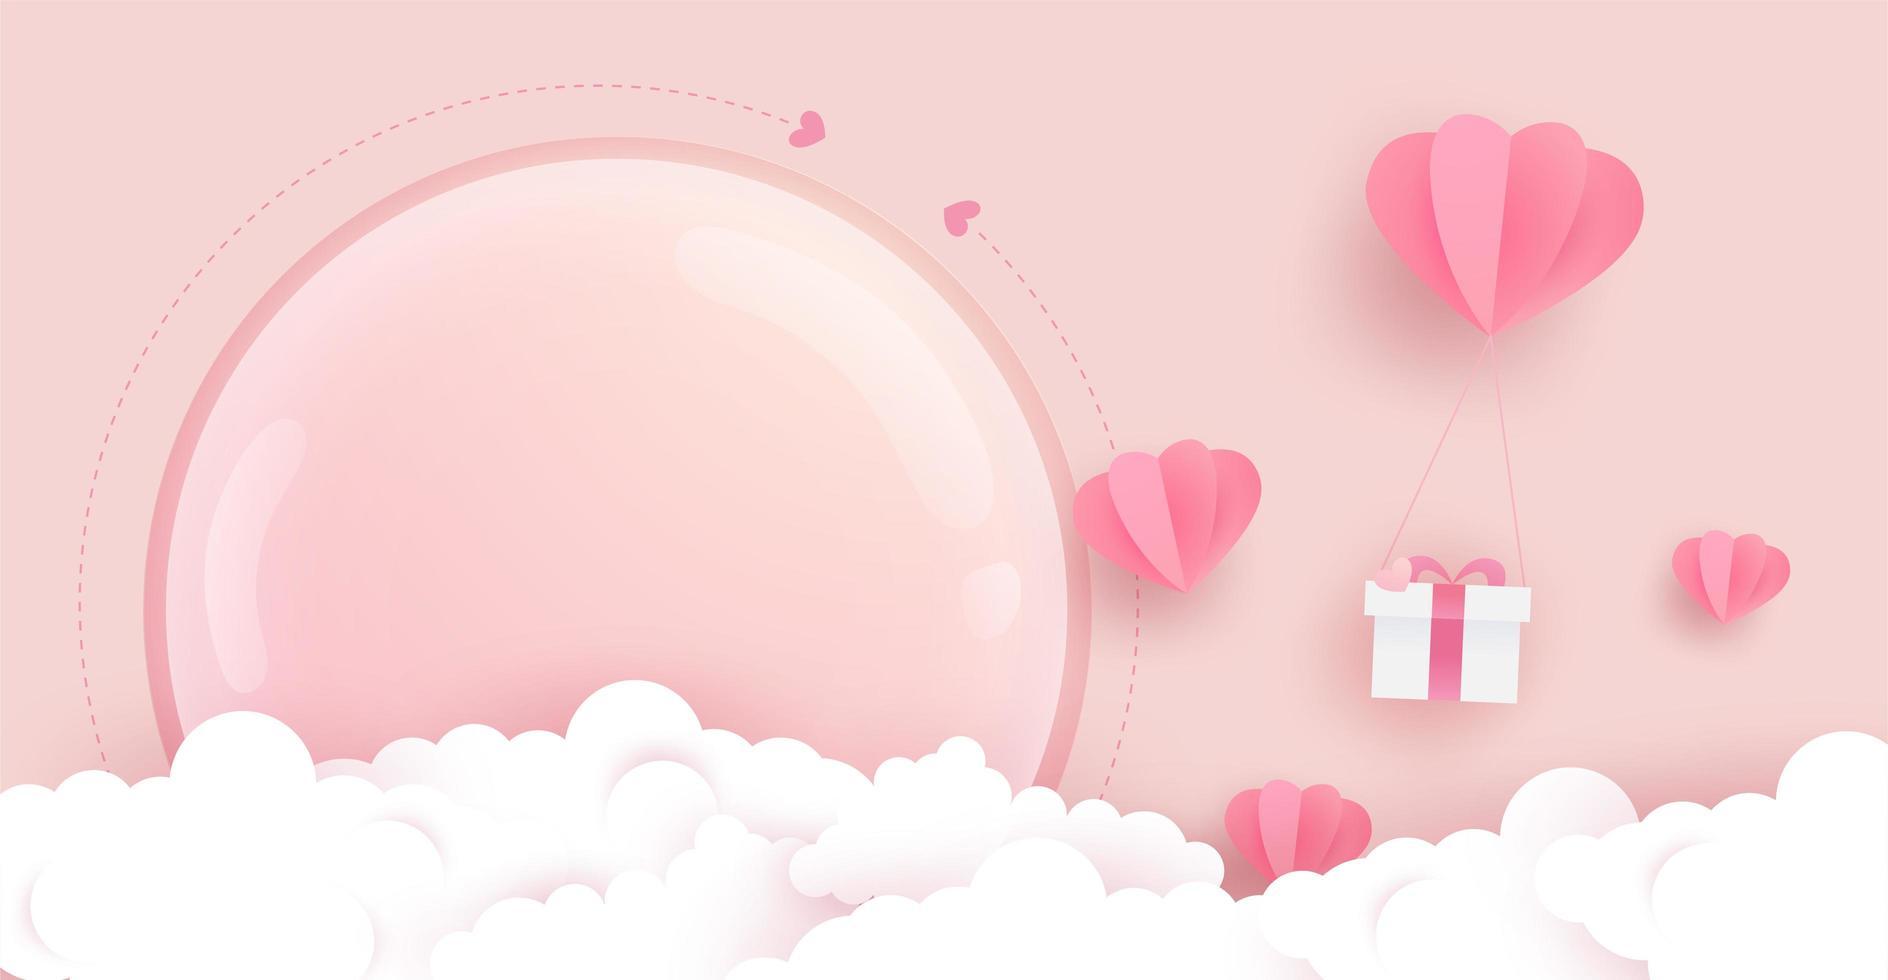 Herzballons, Geschenk, Wolken und Glasabdeckplakat vektor